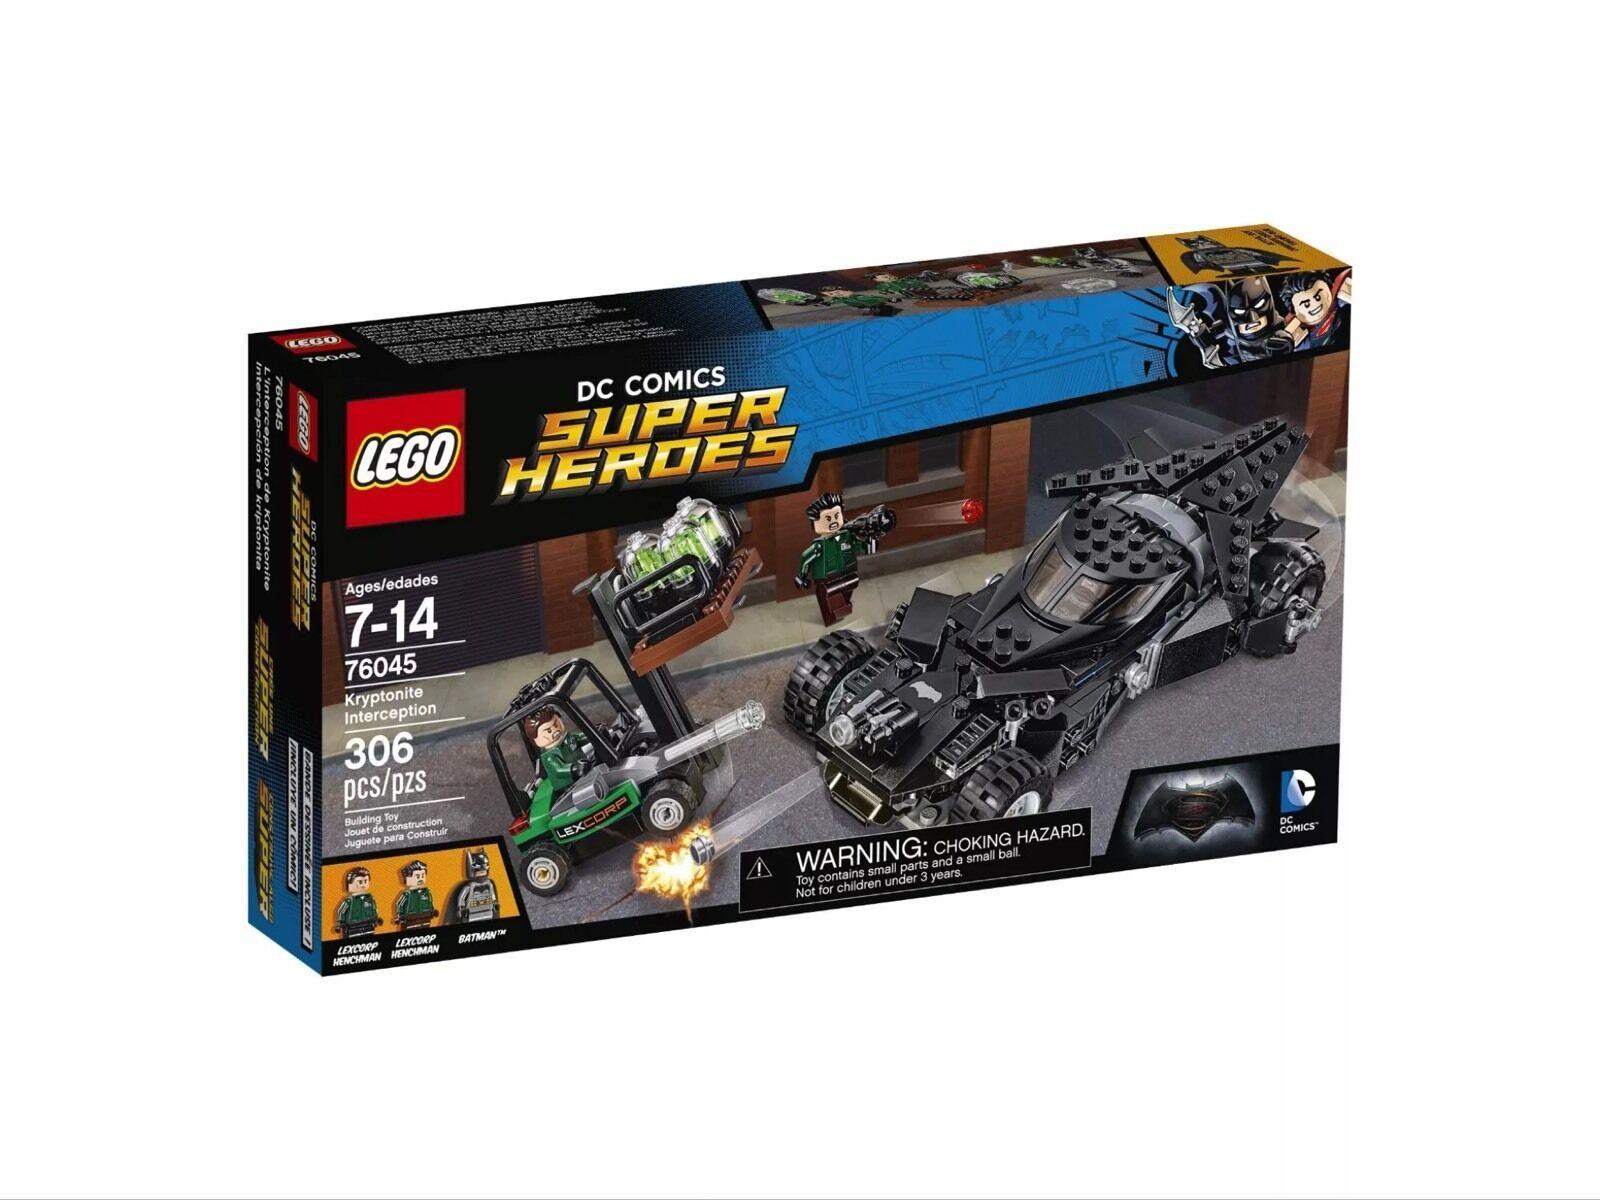 Nuevo LEGO DC Comics Super Heroes kypyonite interceptación 76045 Modelo  22183167